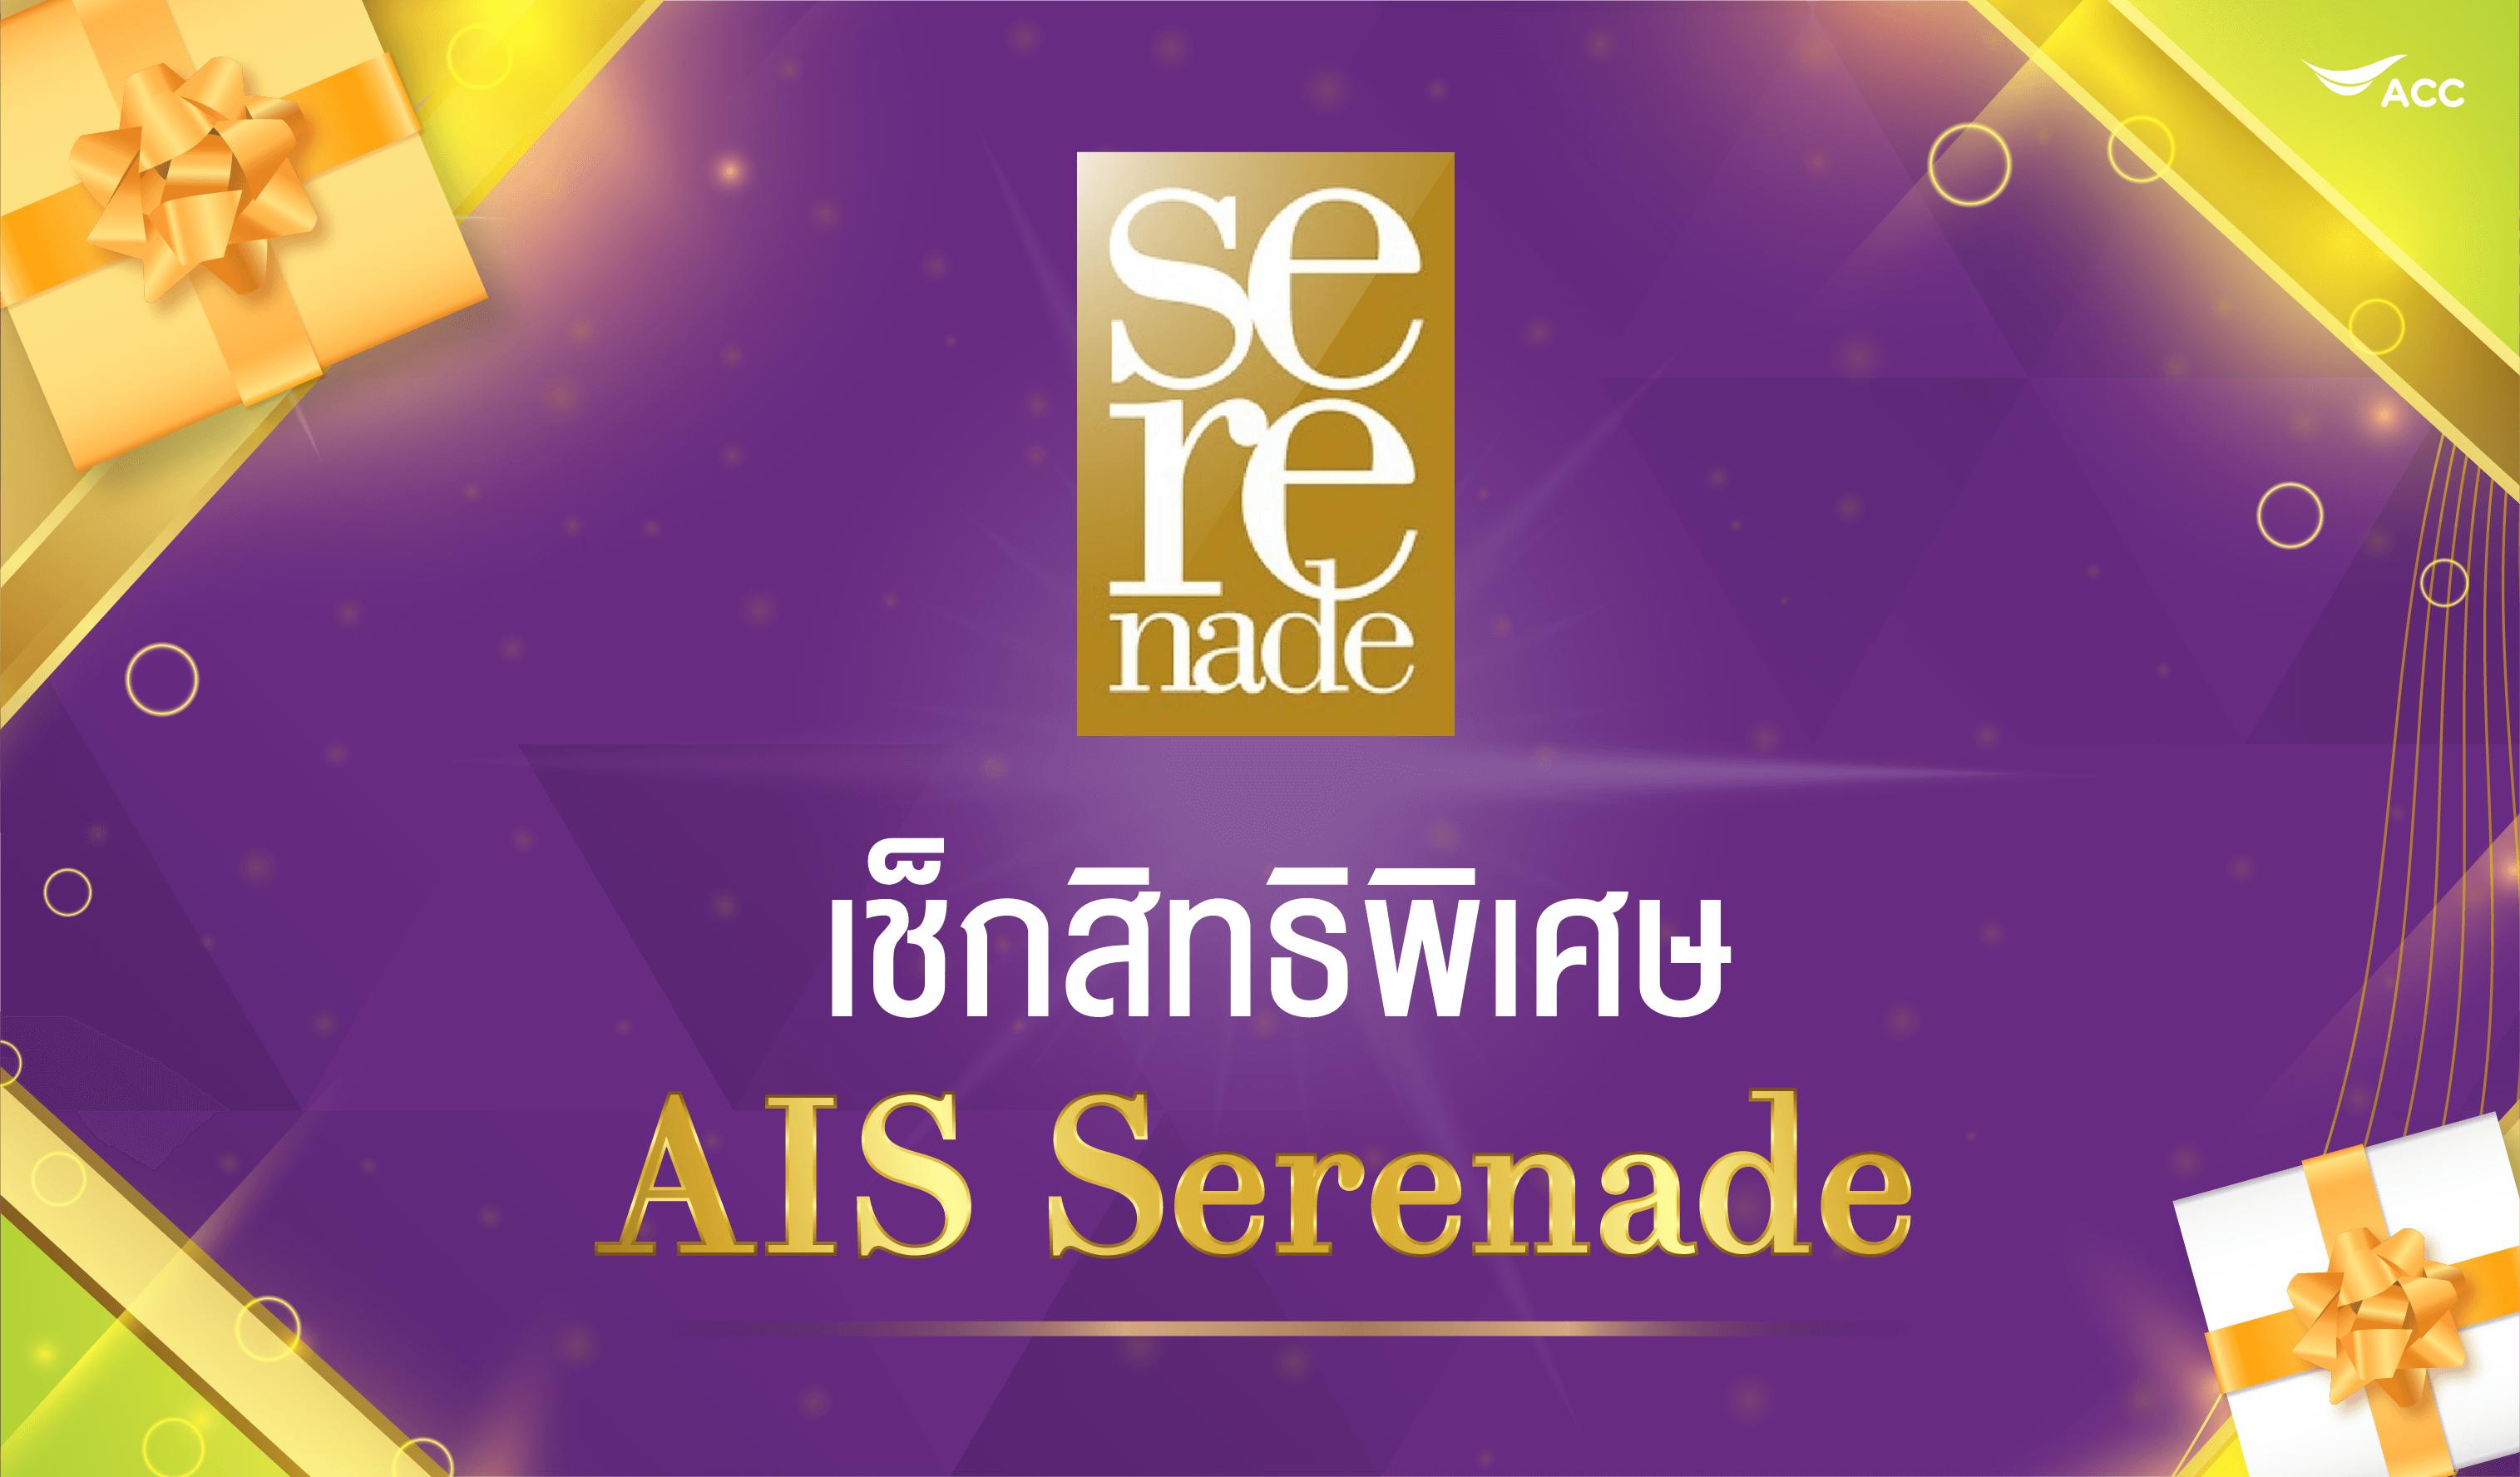 เช็กสิทธิพิเศษ AIS Serenade